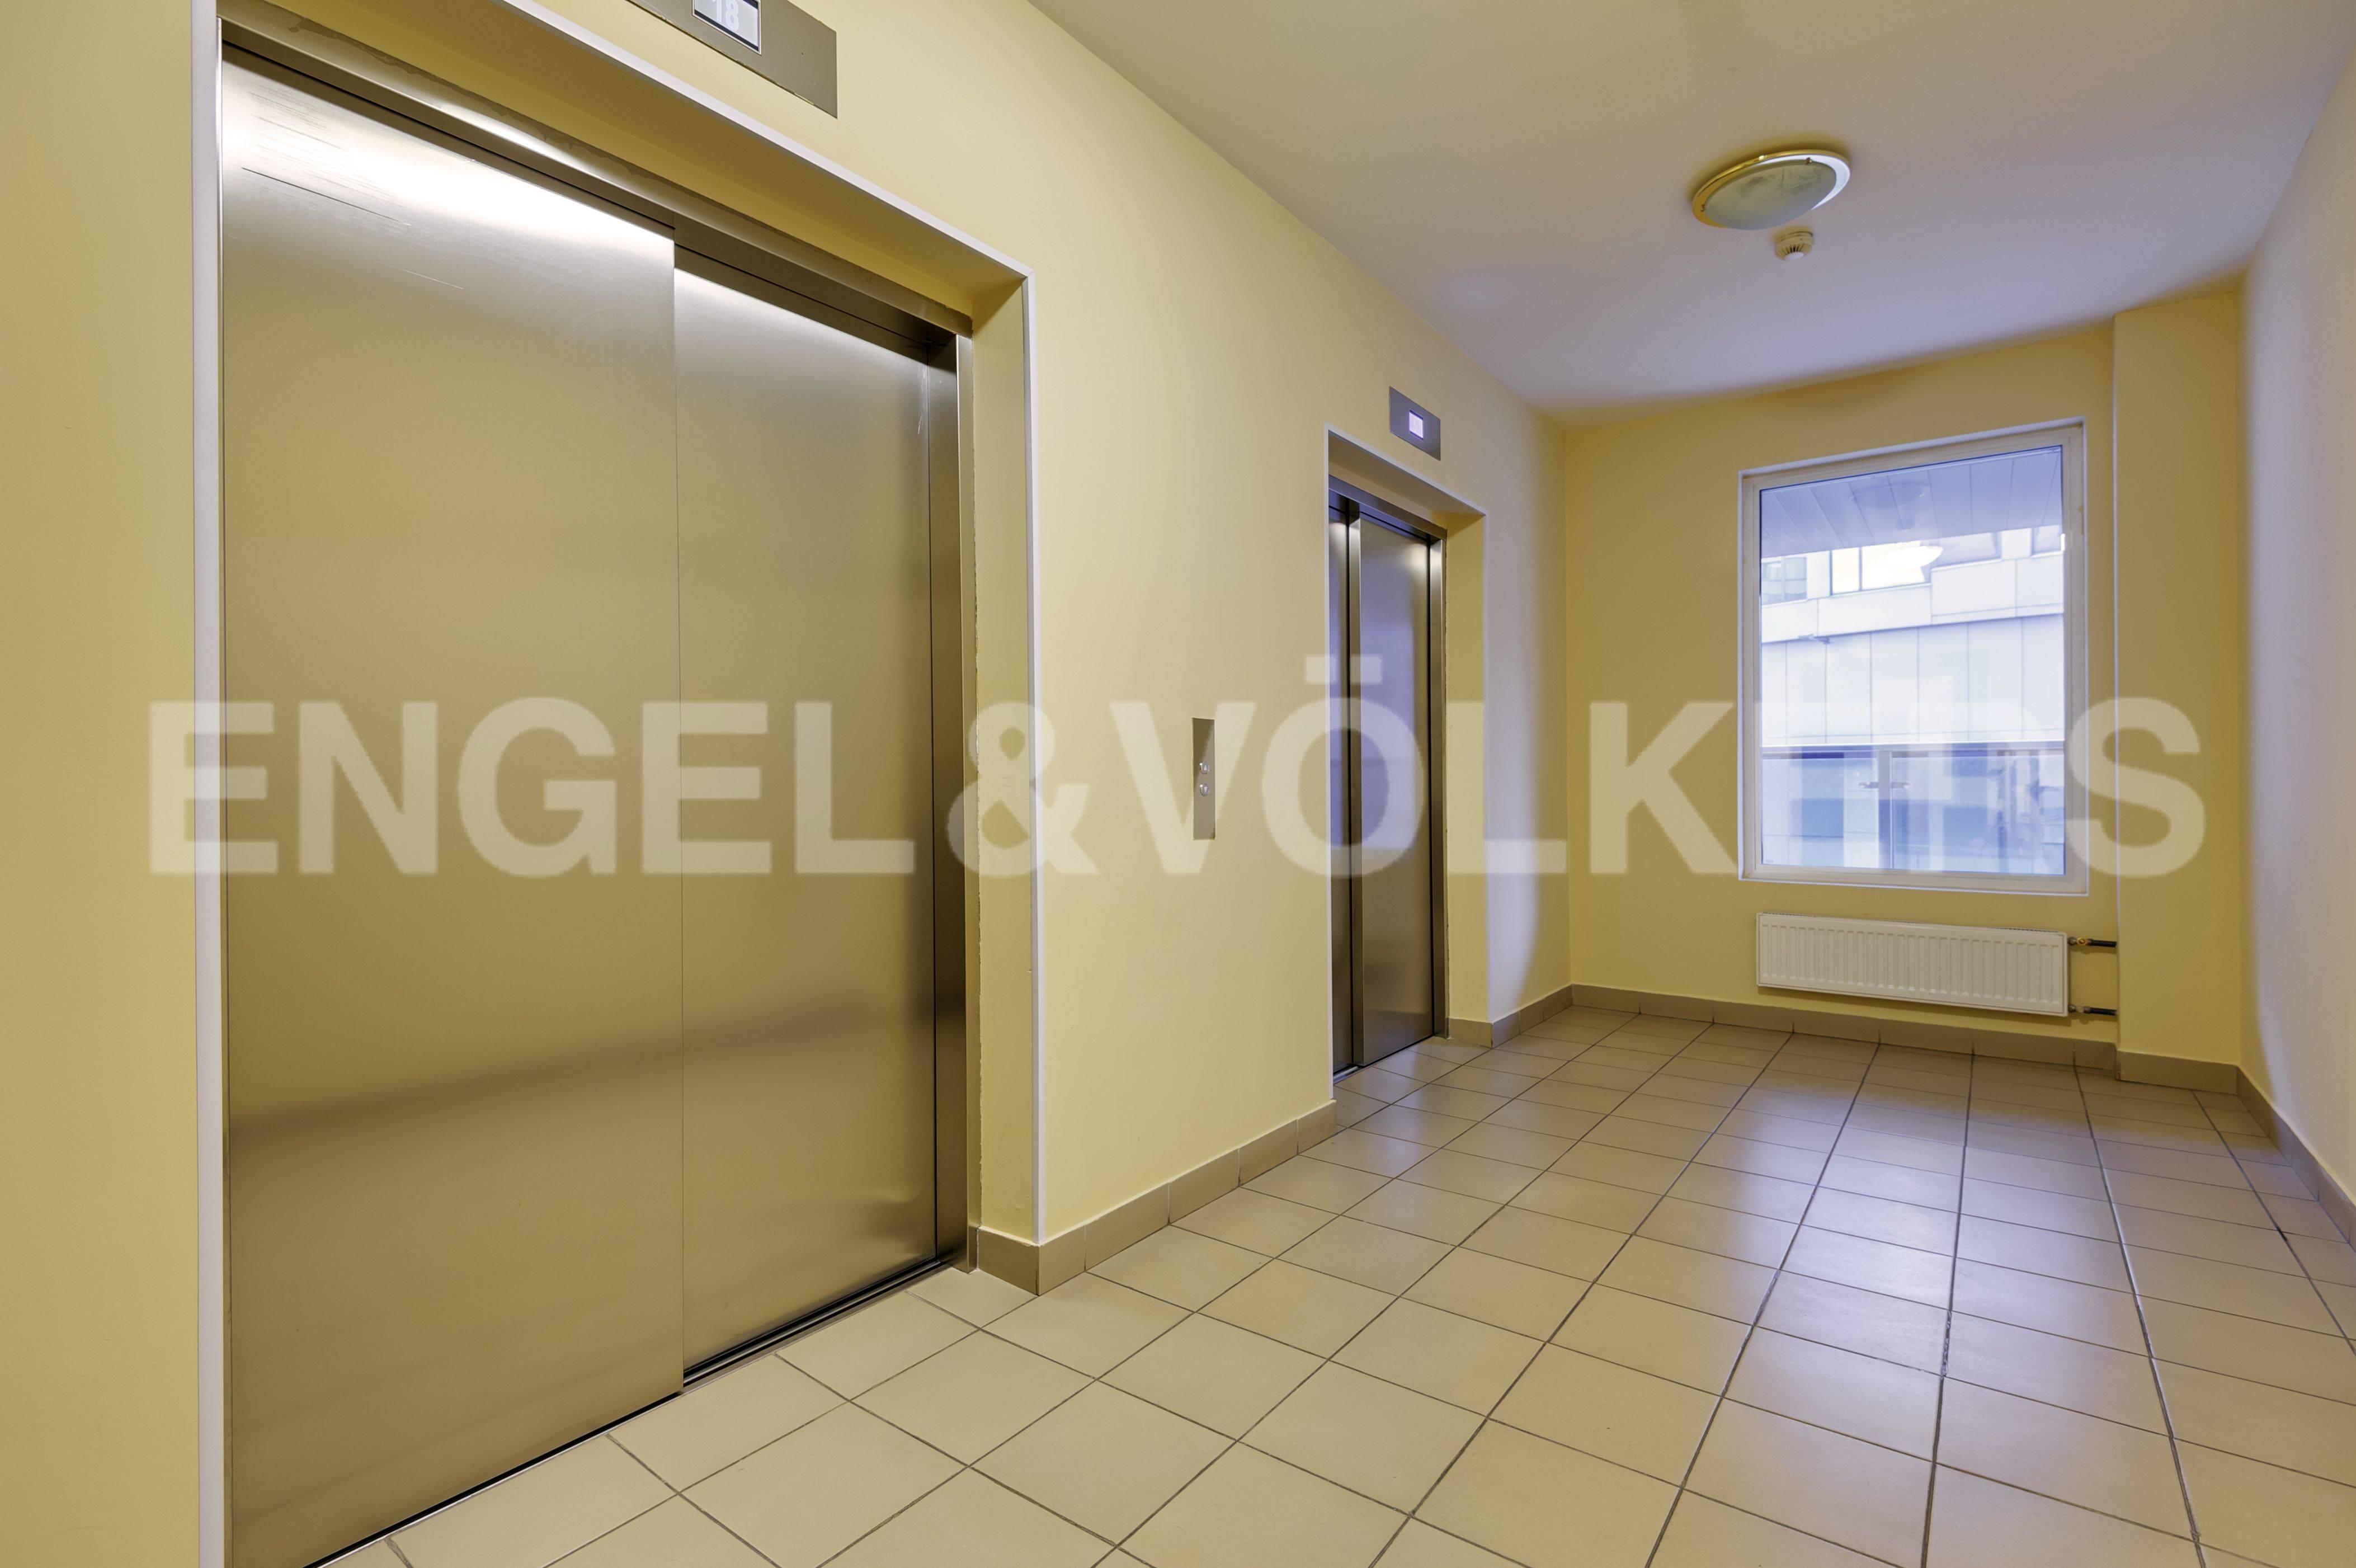 Элитные квартиры в Центральном районе. Санкт-Петербург, Большой Сампсониевский пр. 4-6. Скоростные бесшумные лифты в парадной